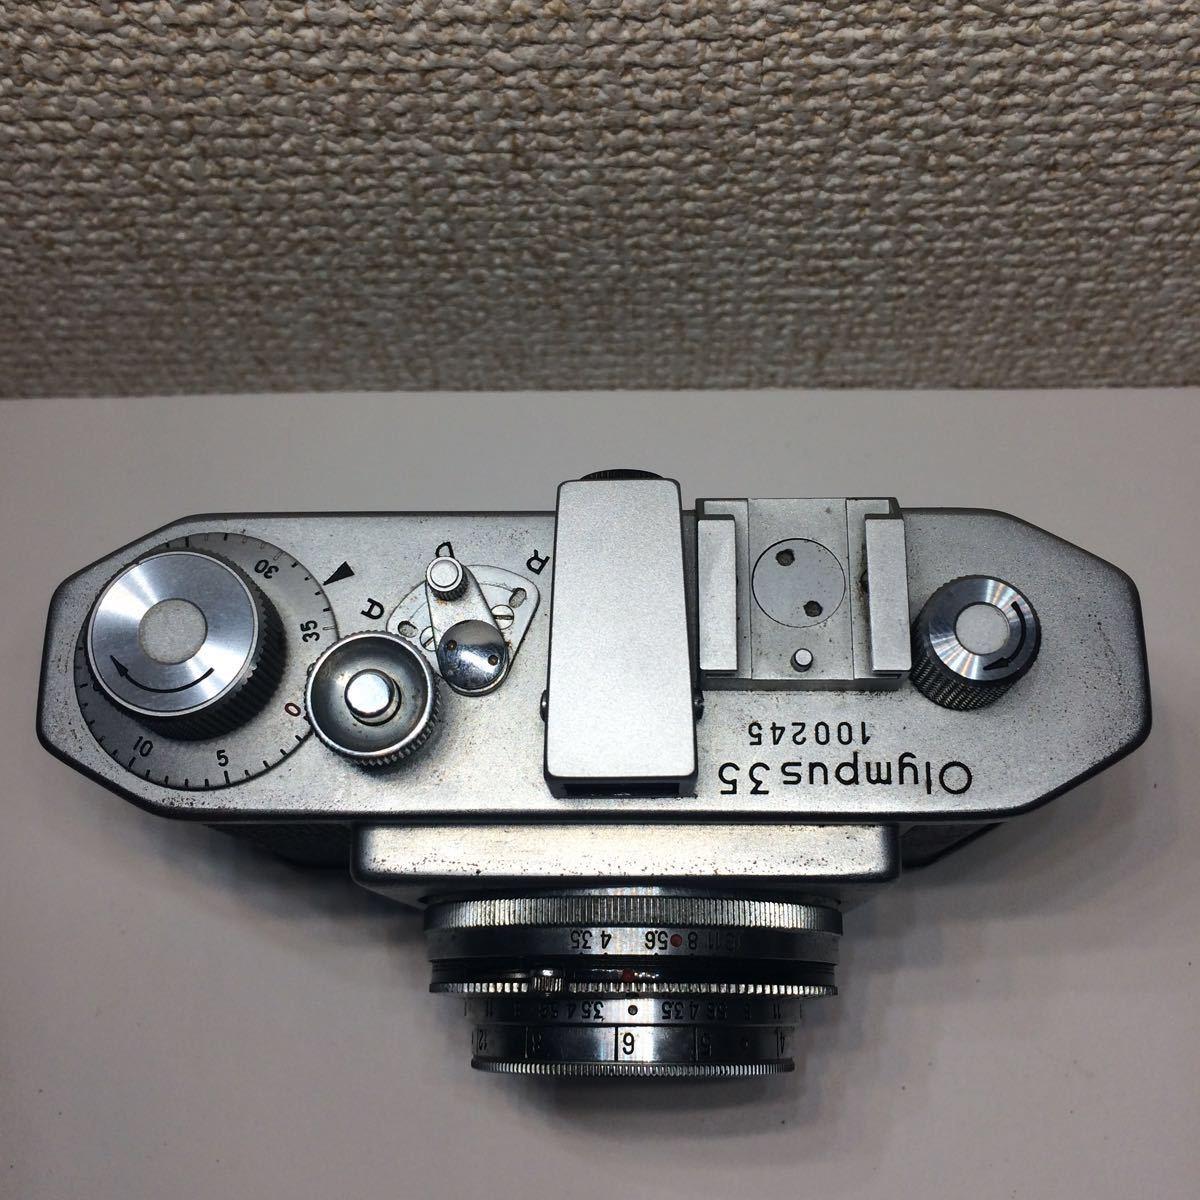 オリンパス OLYMPUS 35 コパル COPAL レンズ Zuiko F.C. 1:3.5 f=4cm ケース付 860681 mn0408_画像3